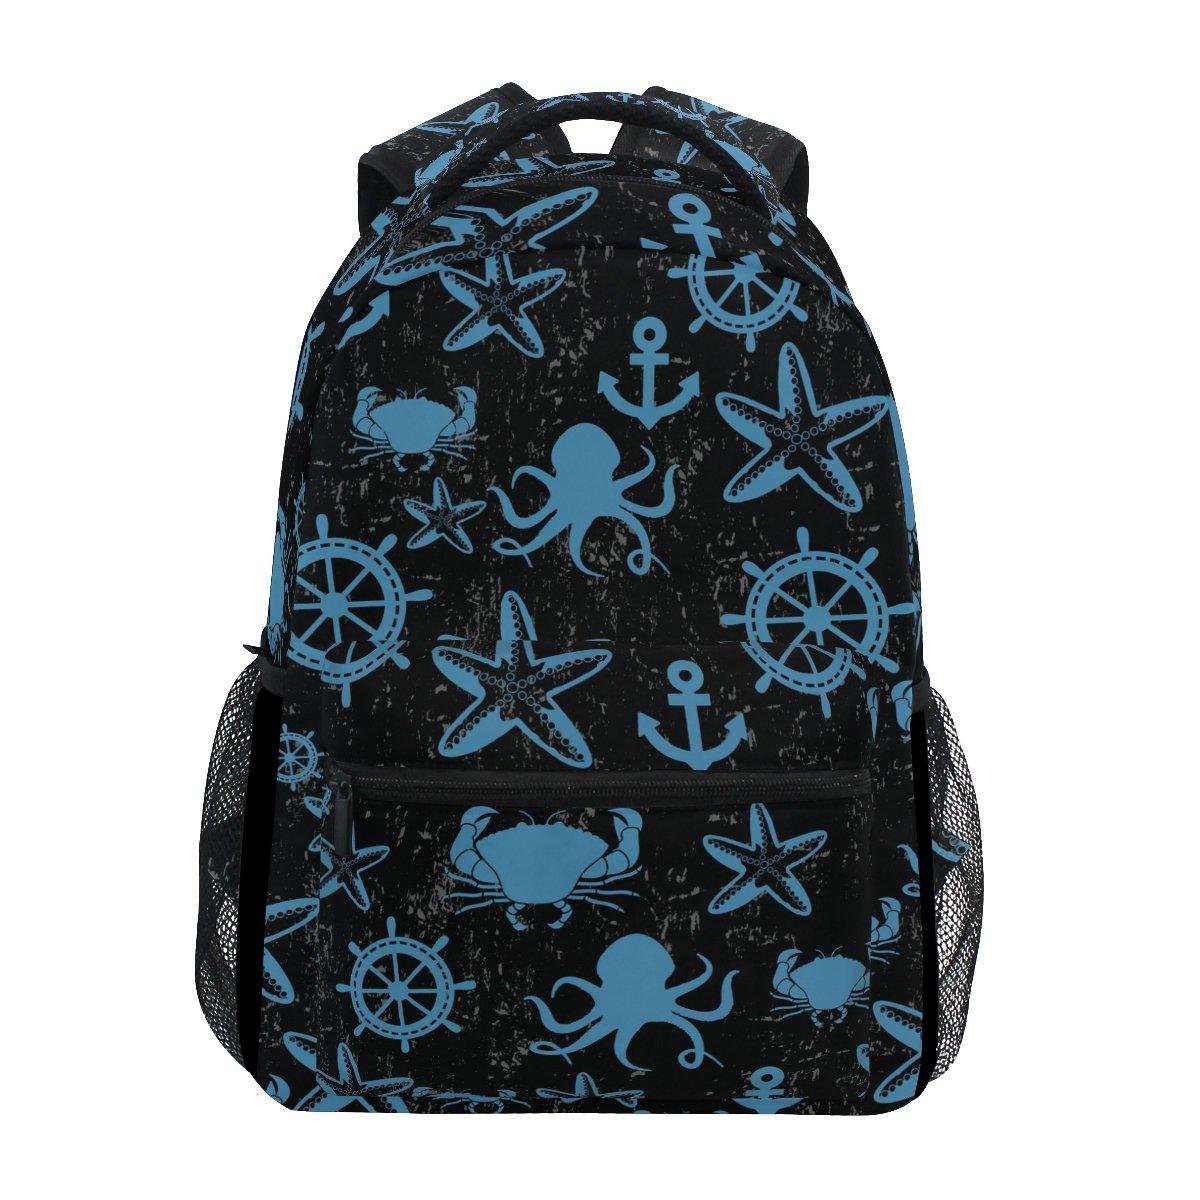 TIZORAX Mer Vie Ancre étoile de mer Crabe Octopus Sac à dos Sac d'école pour randonnée Voyage Sac à dos